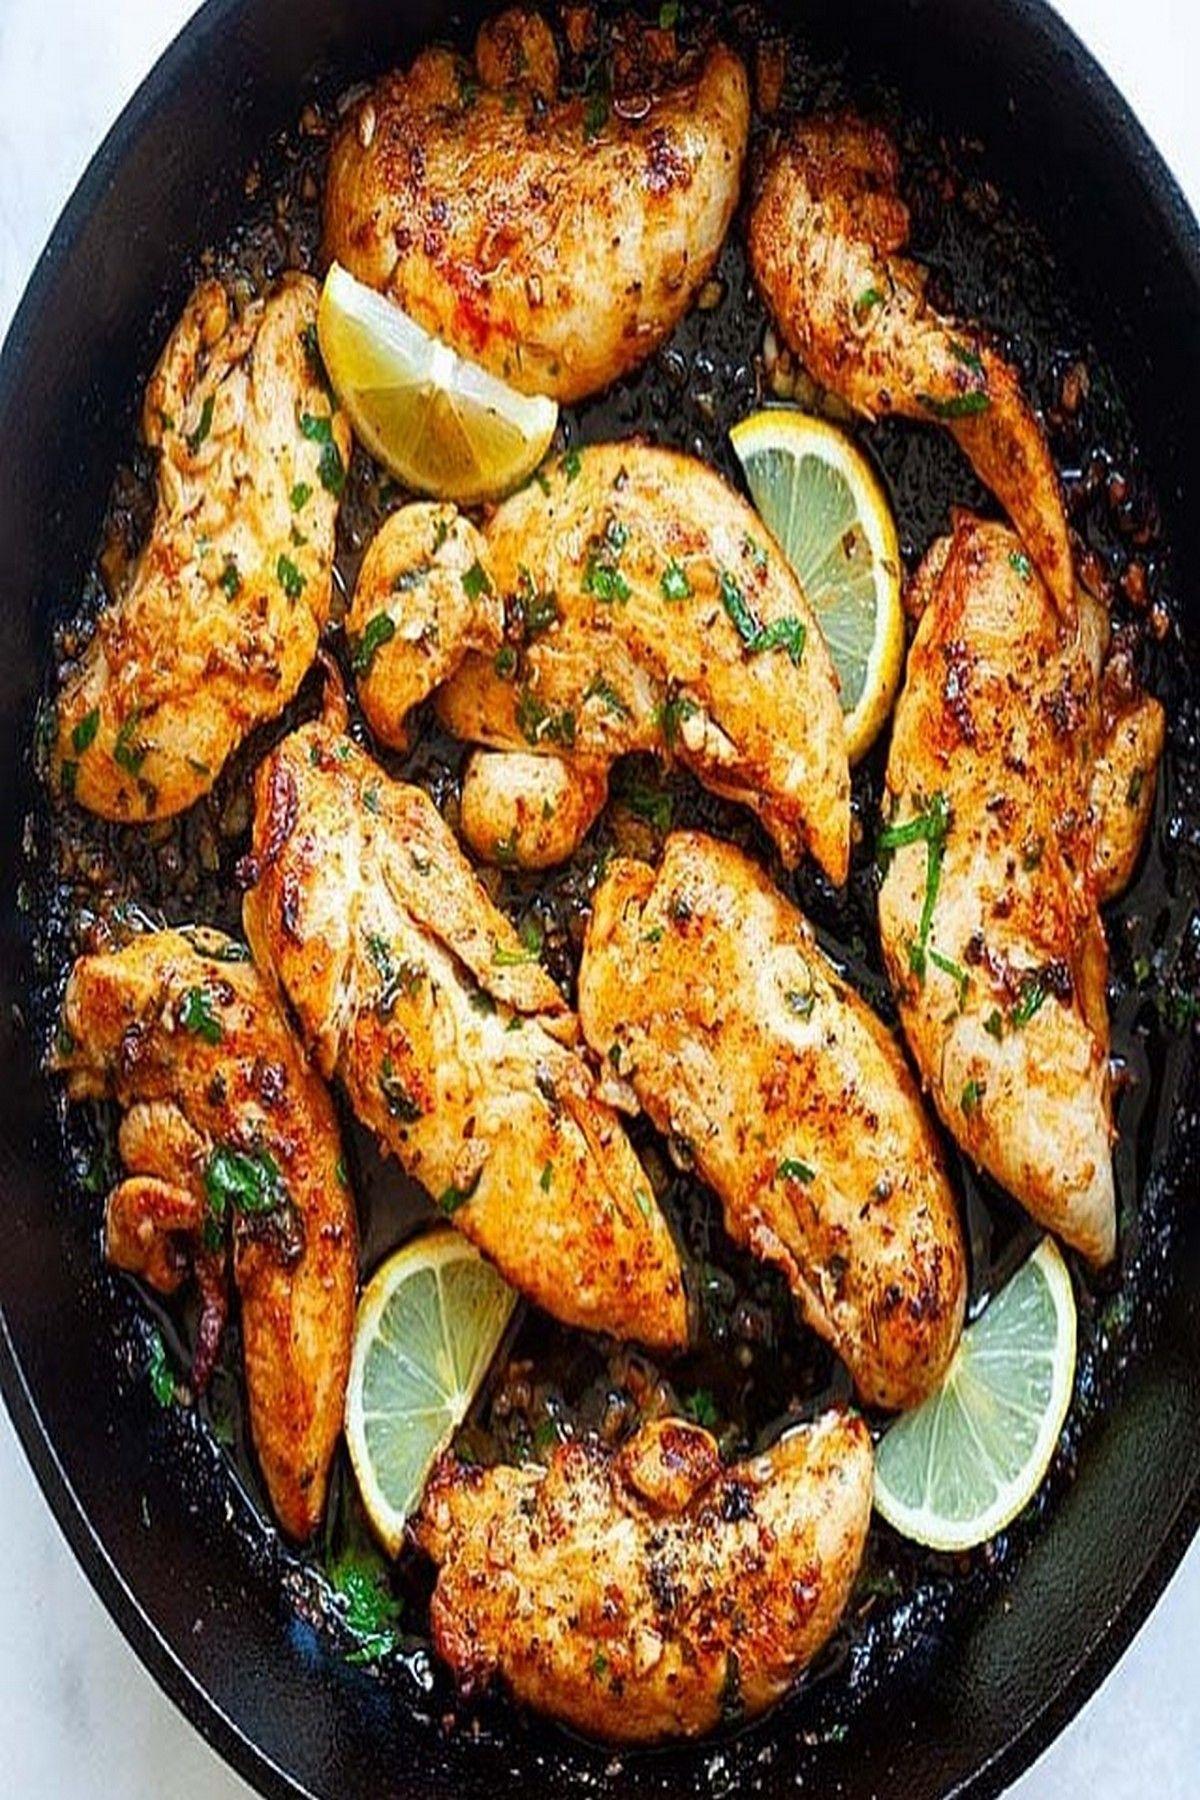 20 Unique Fried Chicken Recipe Recipes In 2020 Chicken Tender Recipes Garlic Butter Chicken Chicken Tenderloin Recipes